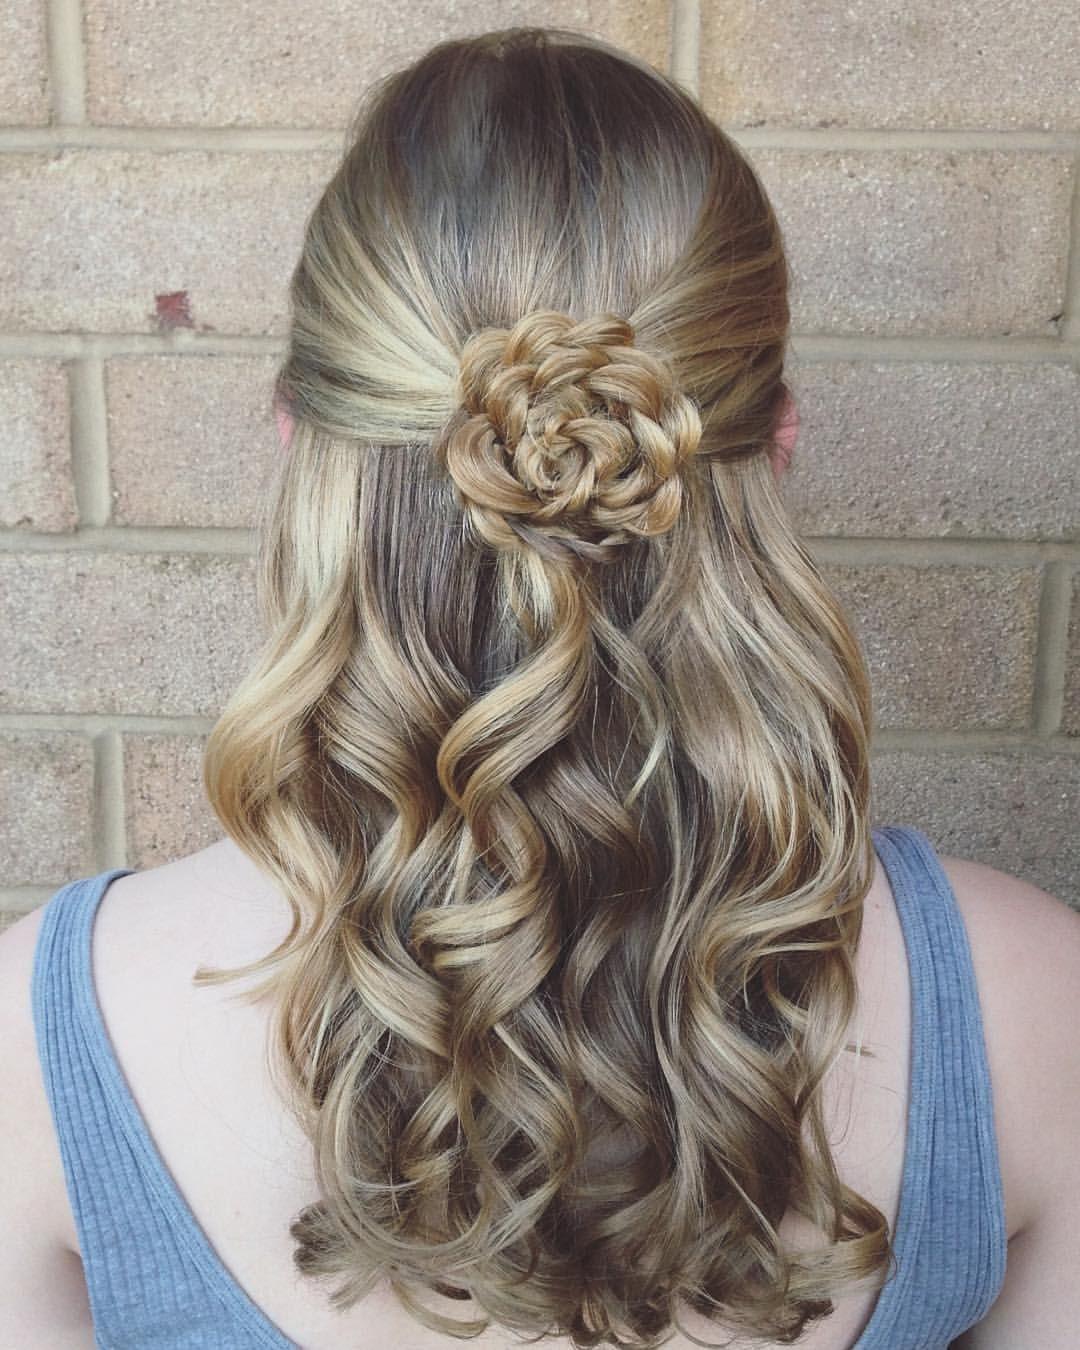 Abigail Rose on Instagram: Those curls + a flower braid